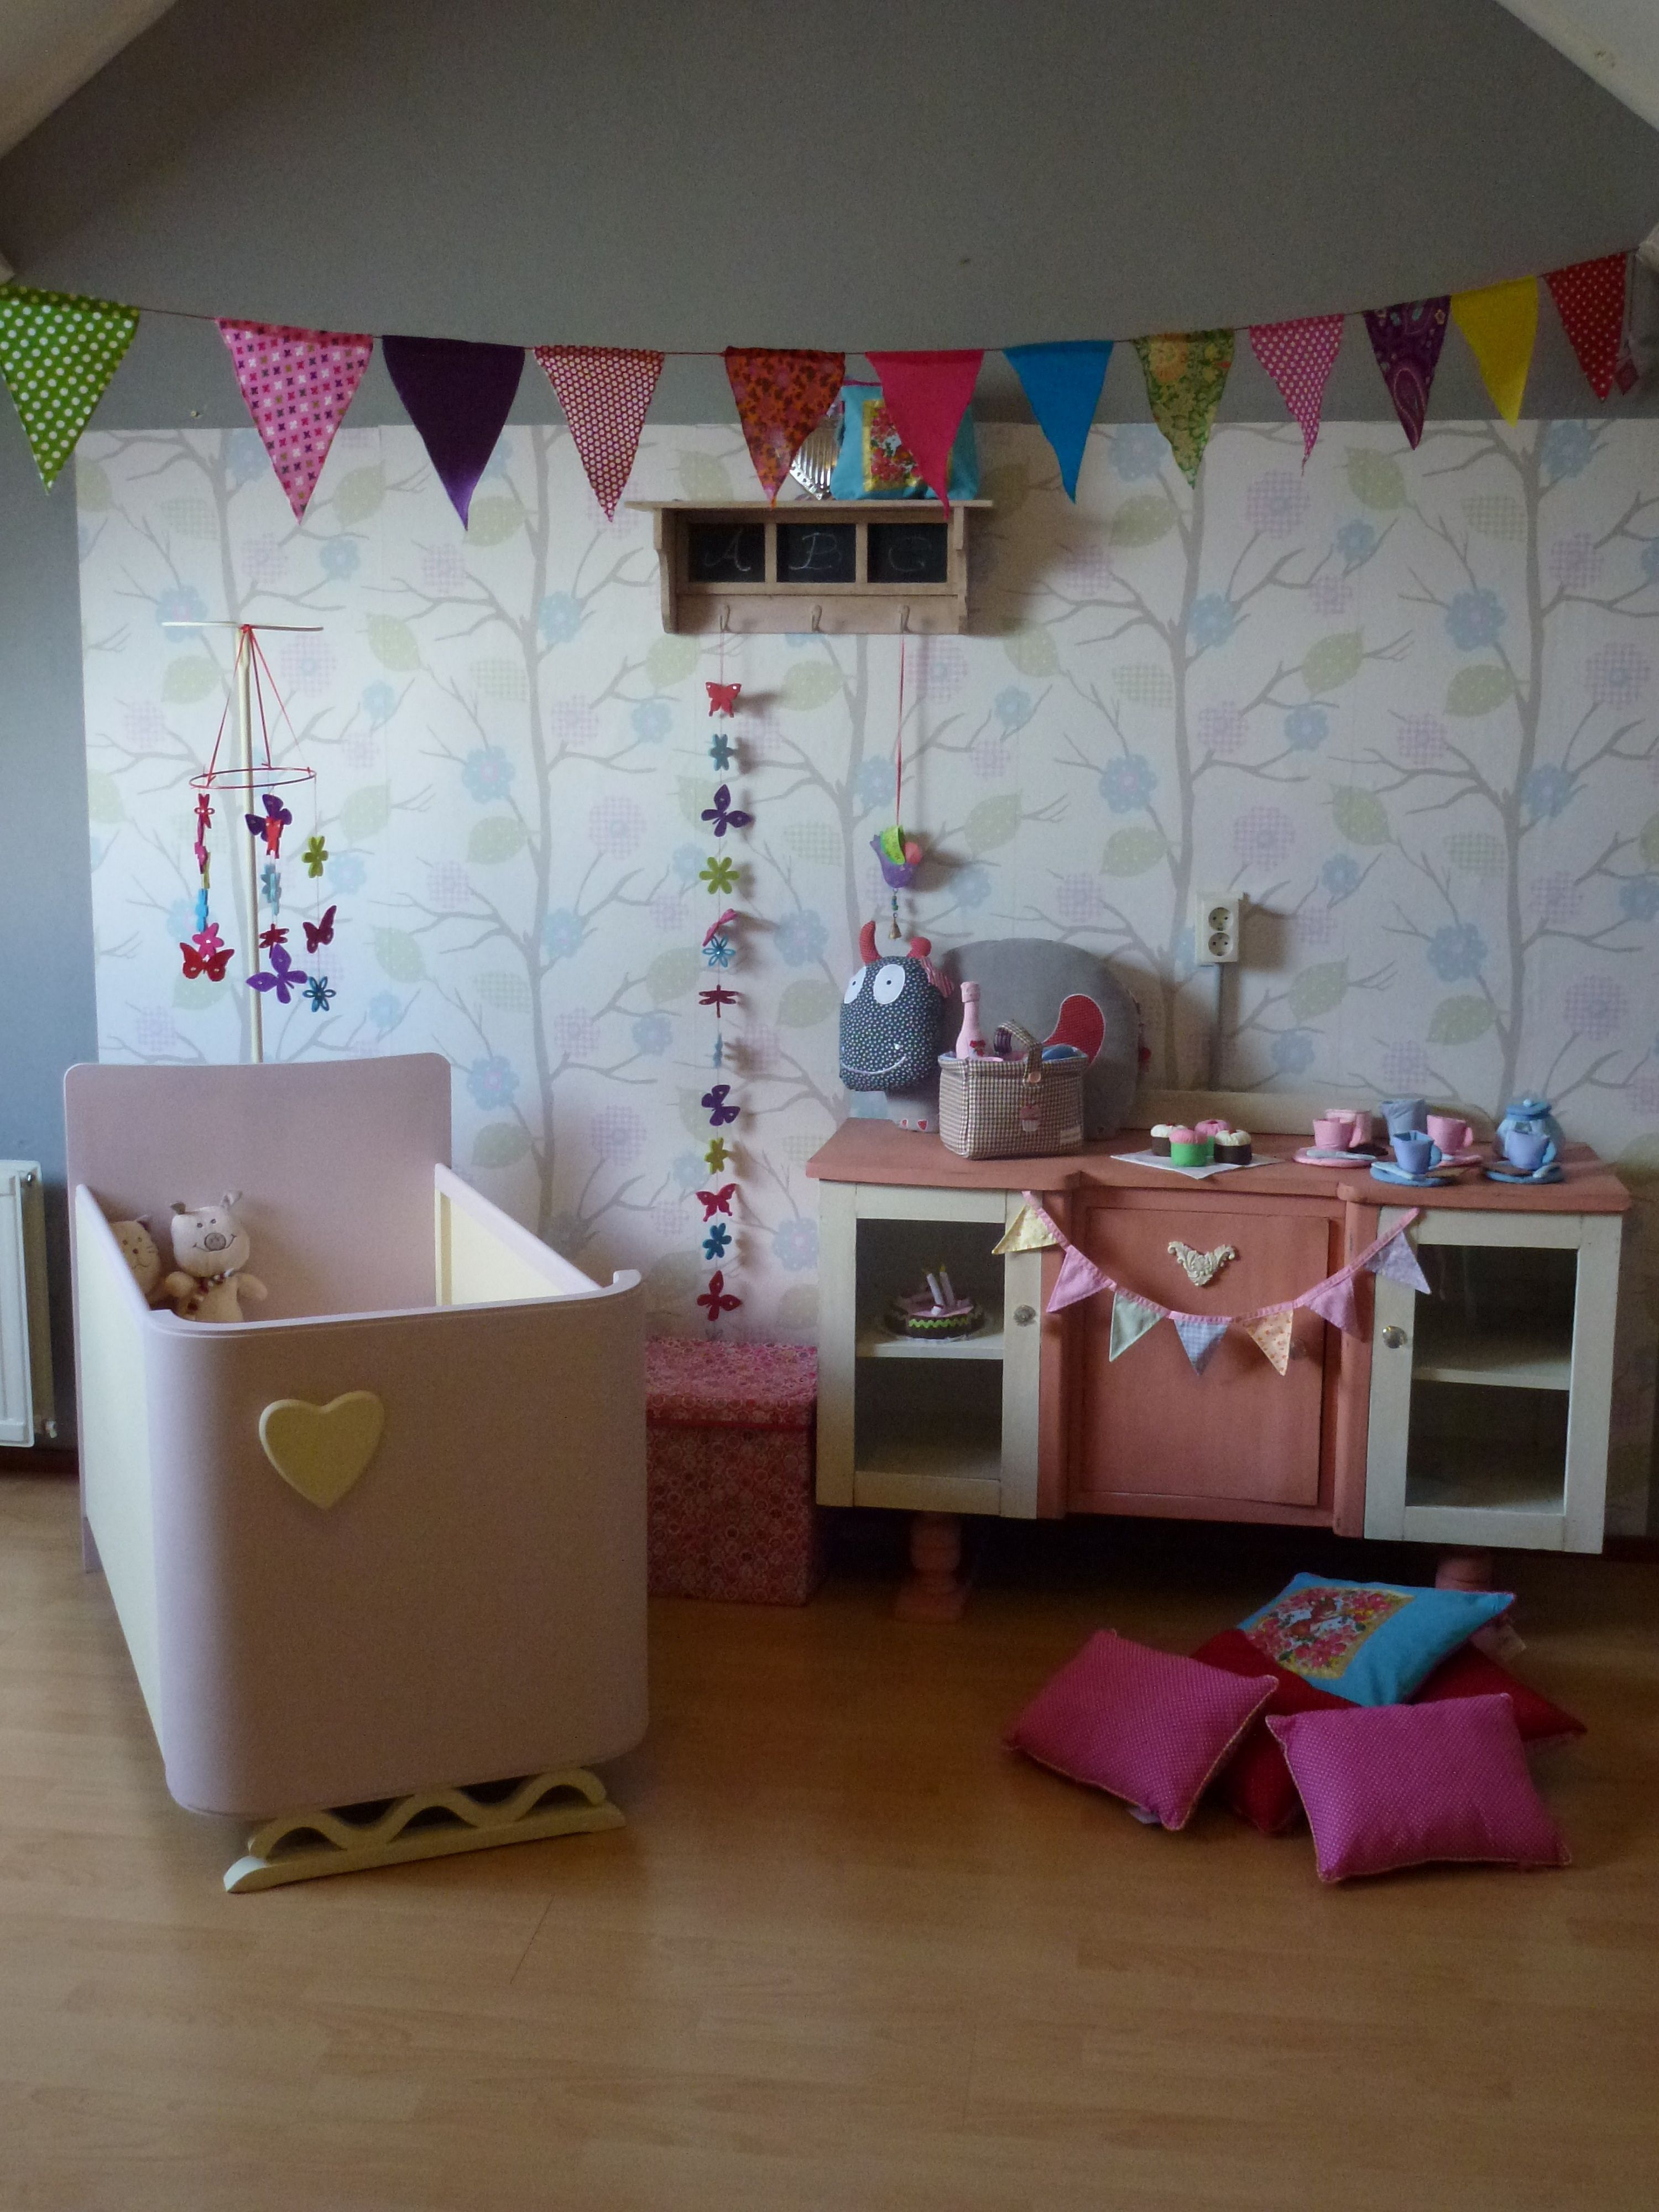 Unieke brocante kindermeubeltjes.  Te koop bij Kidzz & Toys. Marie Brocante